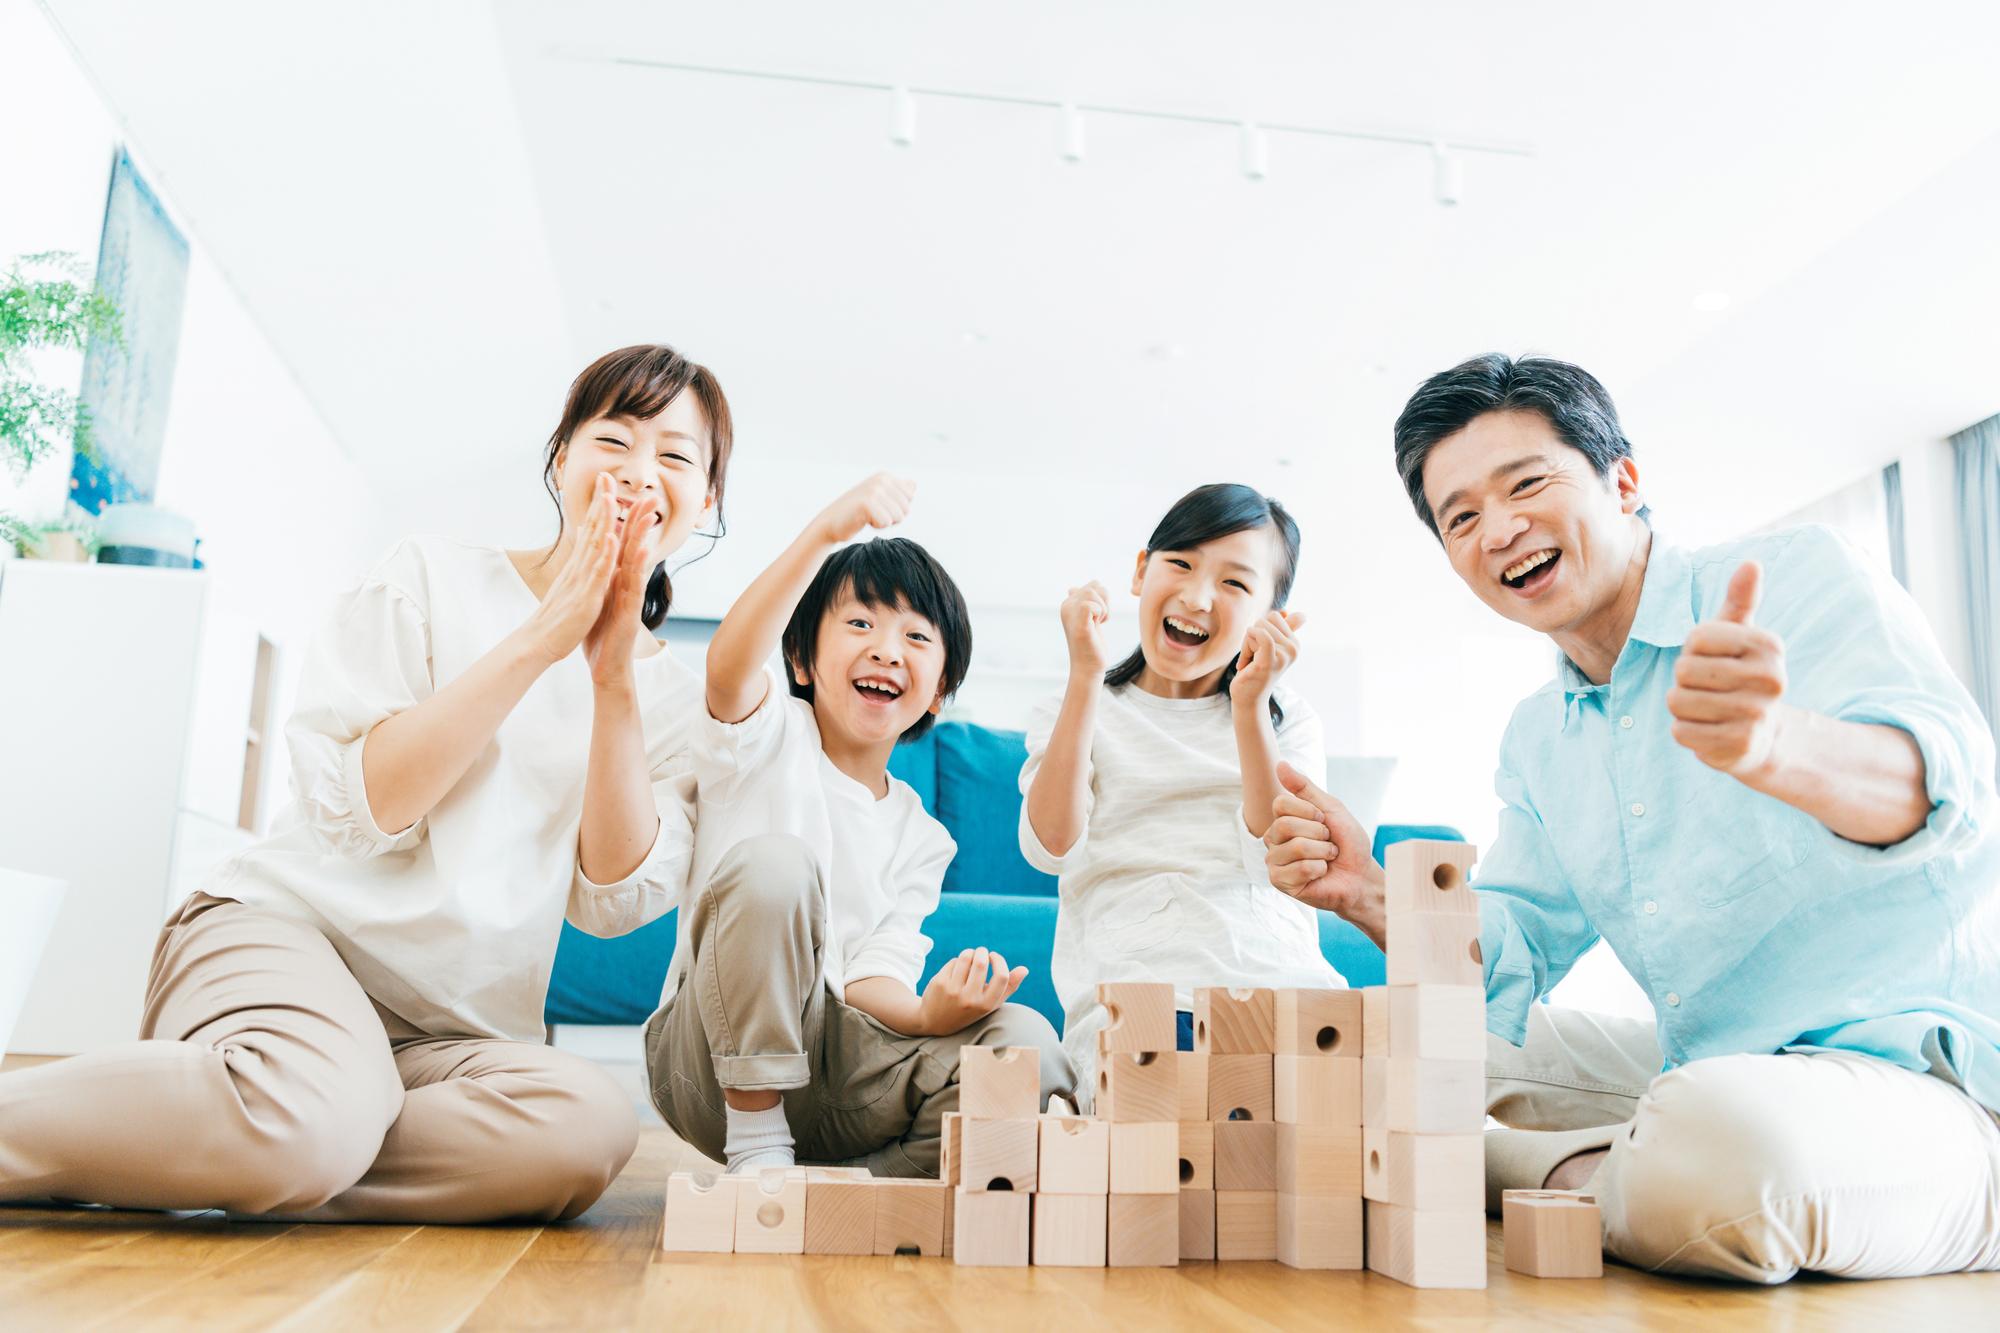 【小学生の子どもが喜ぶ!室内遊び】ユニーク&長く遊べるアイデアも